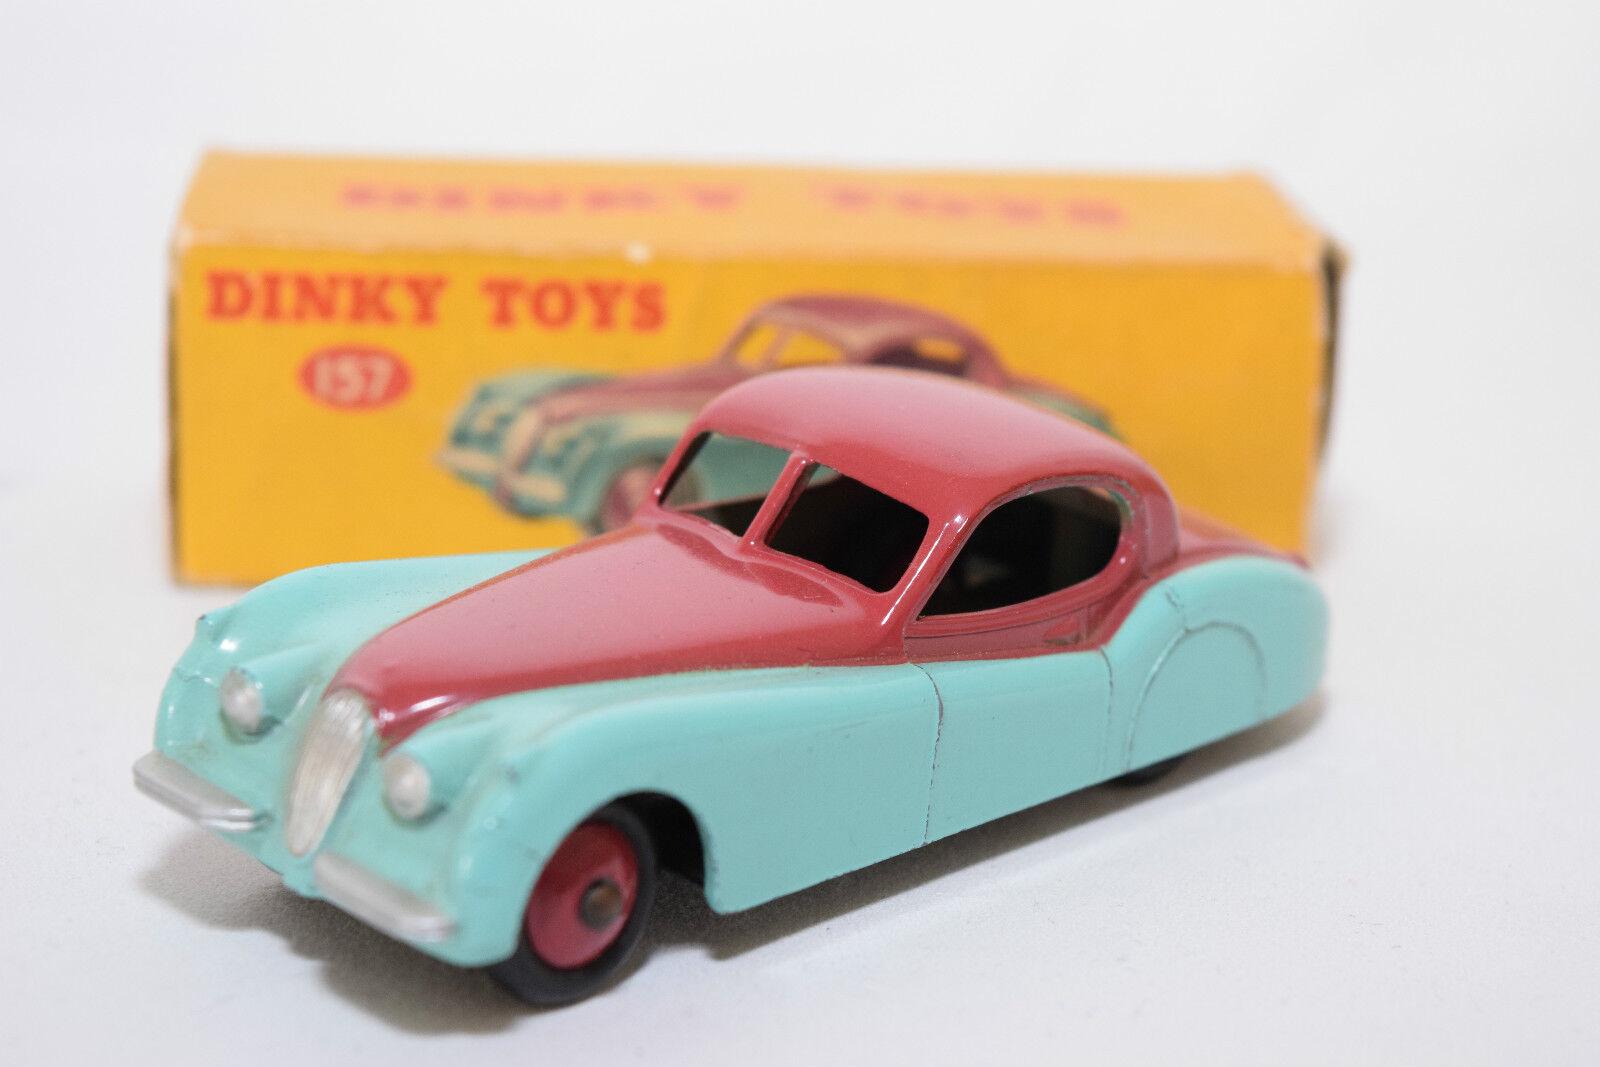 P Dinky Toys 157 jaguar xk120 XK 120 Coupé Cerise Turquoise Comme neuf en boîte rare